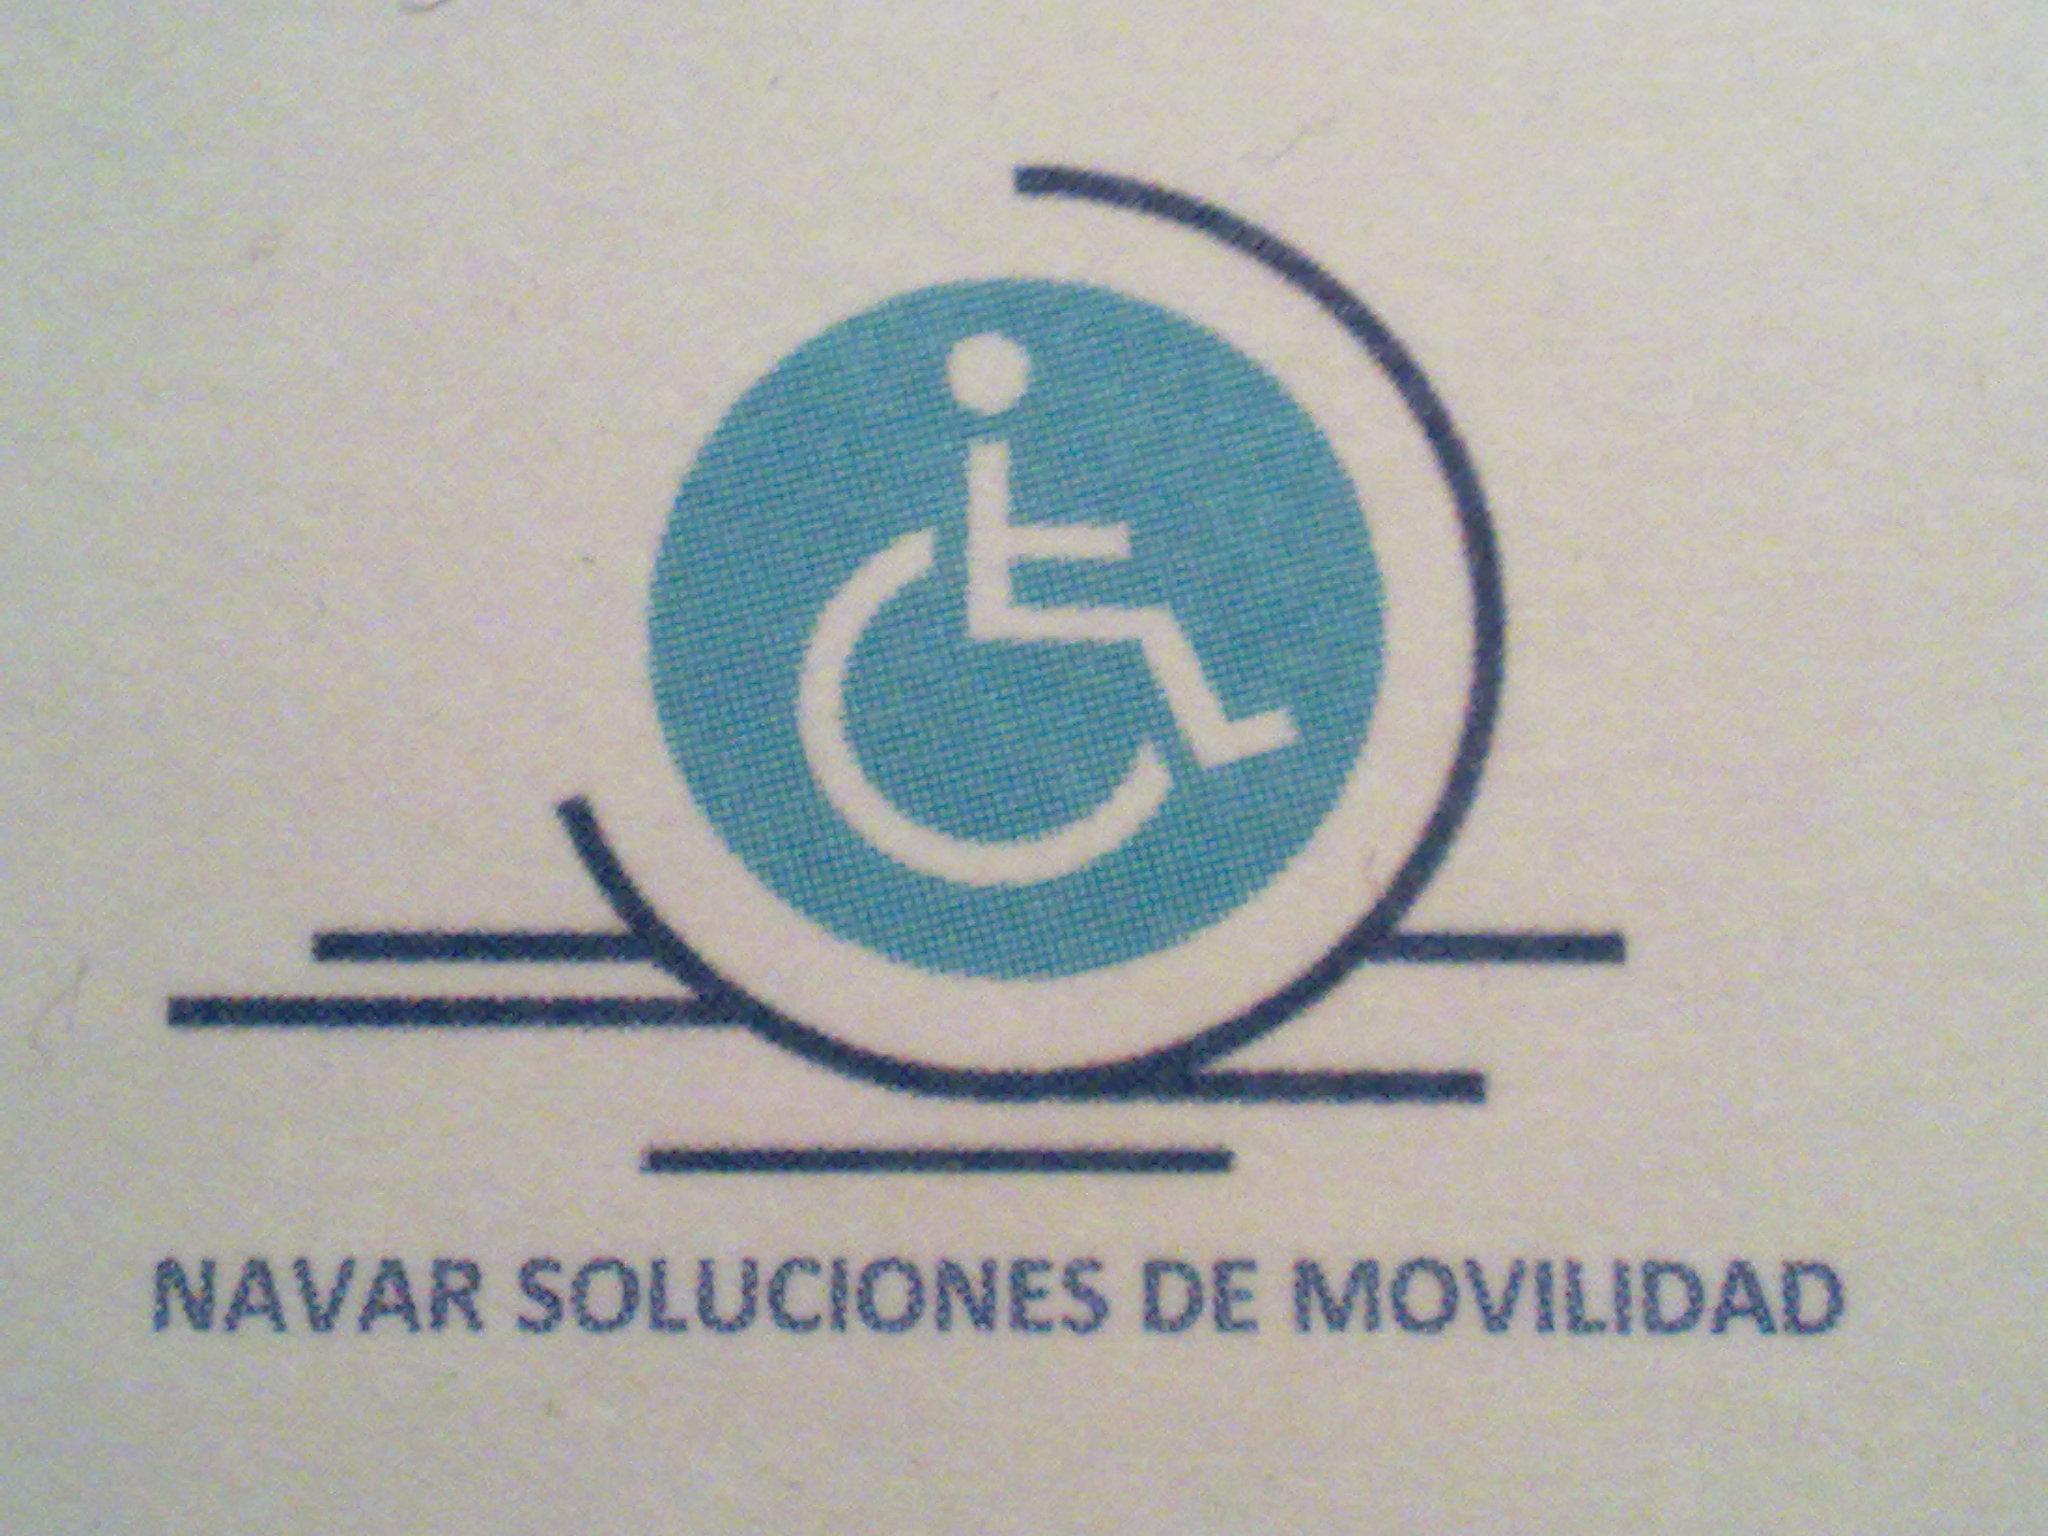 Navar Soluciones De Movilidad